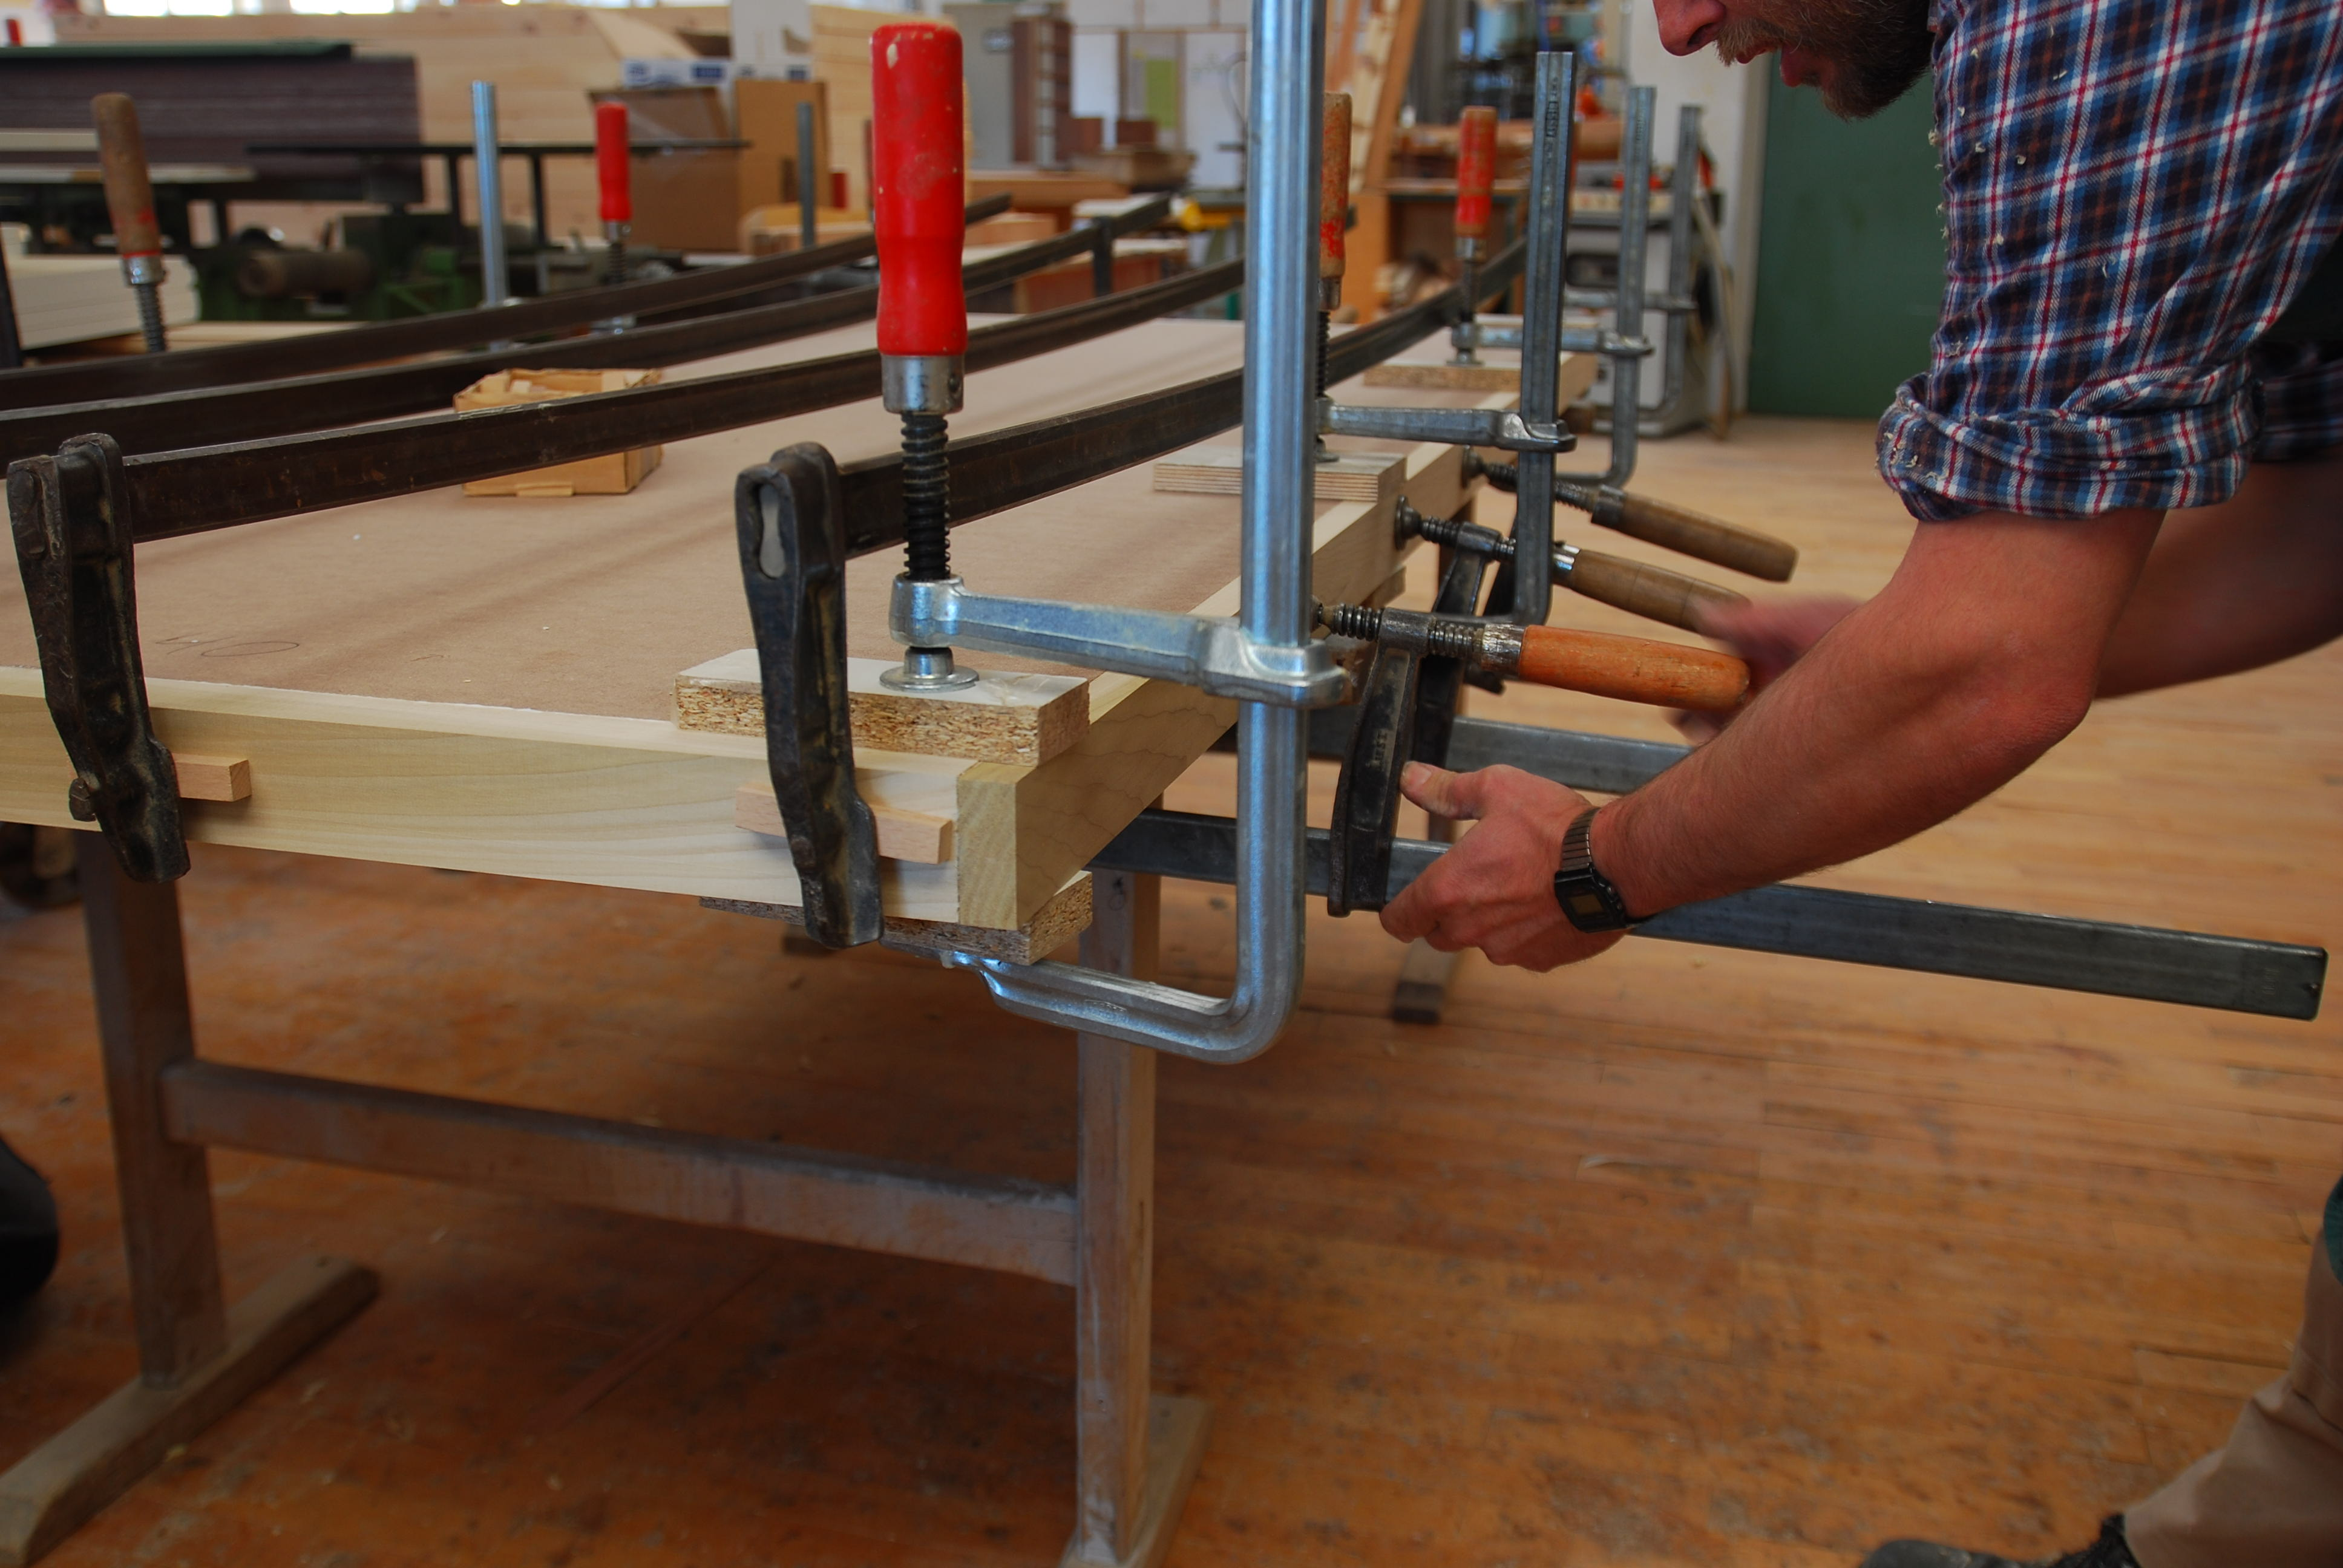 So geht Natürlichkeit und Qualität: Durch echte Handarbeit!